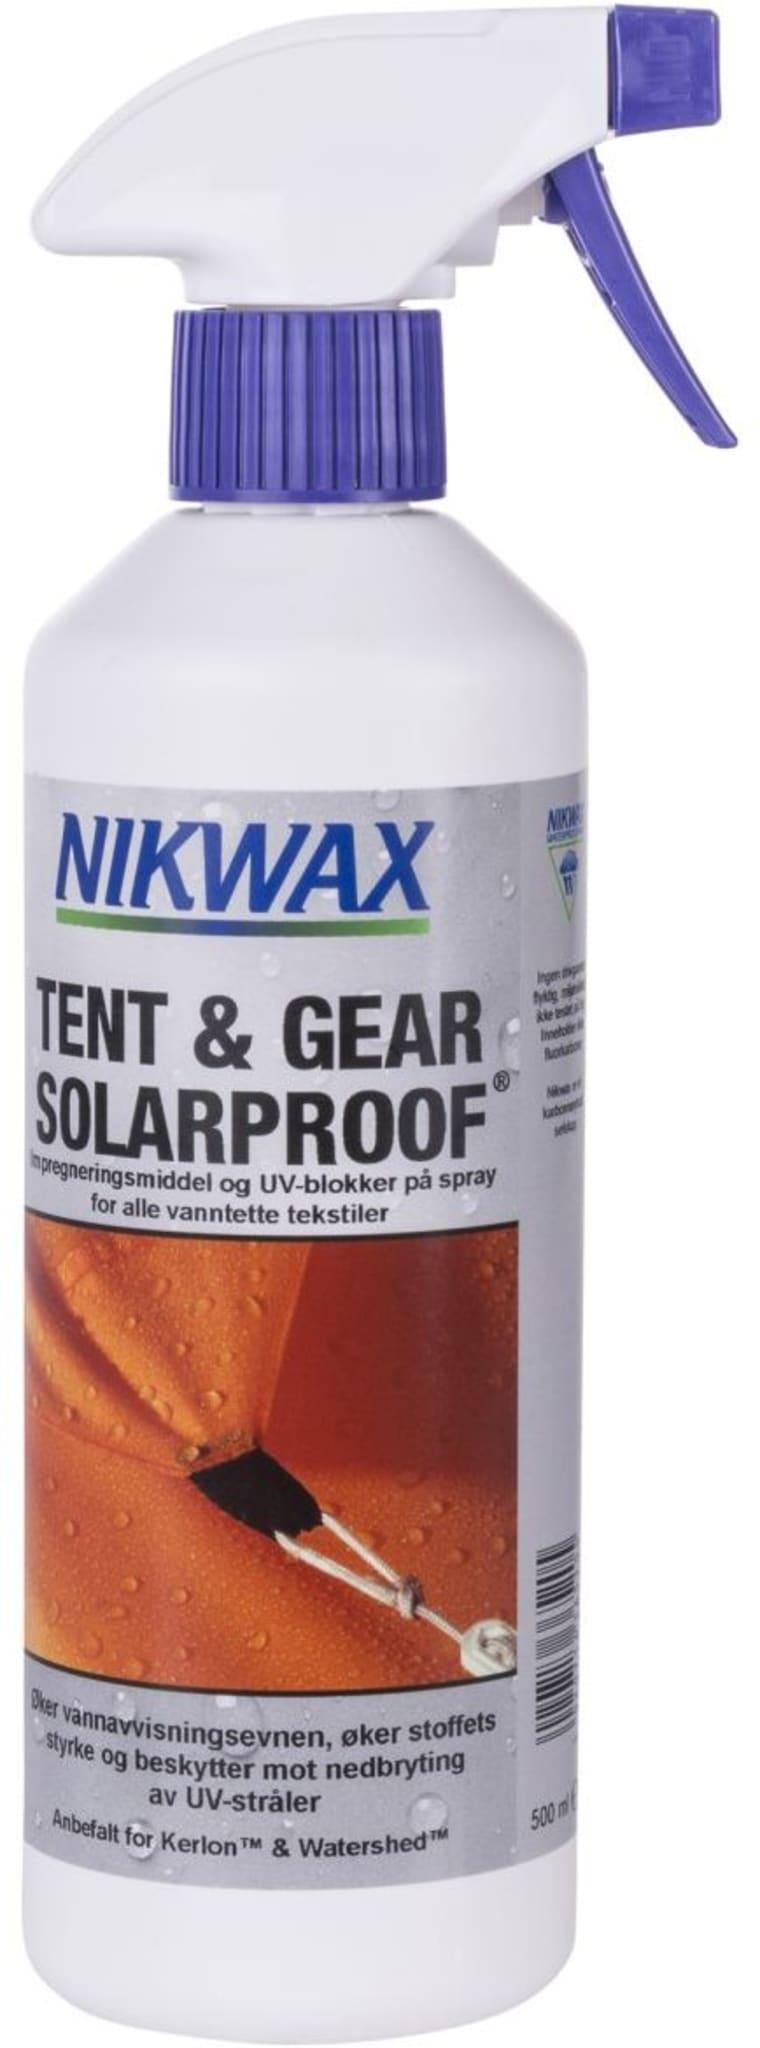 Impregnering til bruk på telt, ryggsekker og lignende